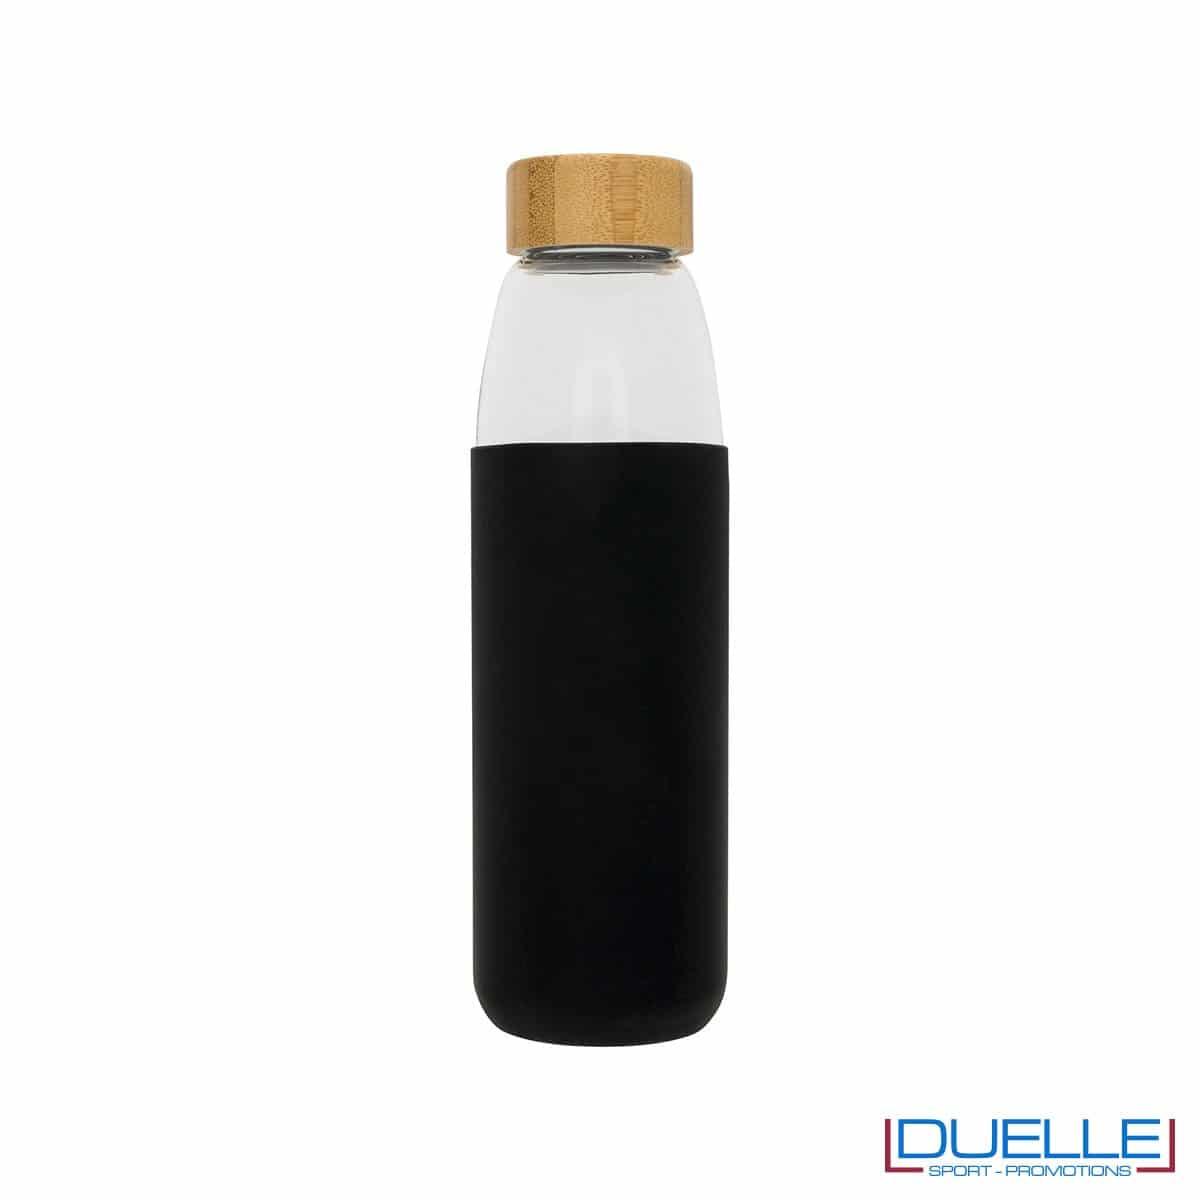 Borraccia in vetro con tappo in legno e cover in silicone colore nero personalizzata